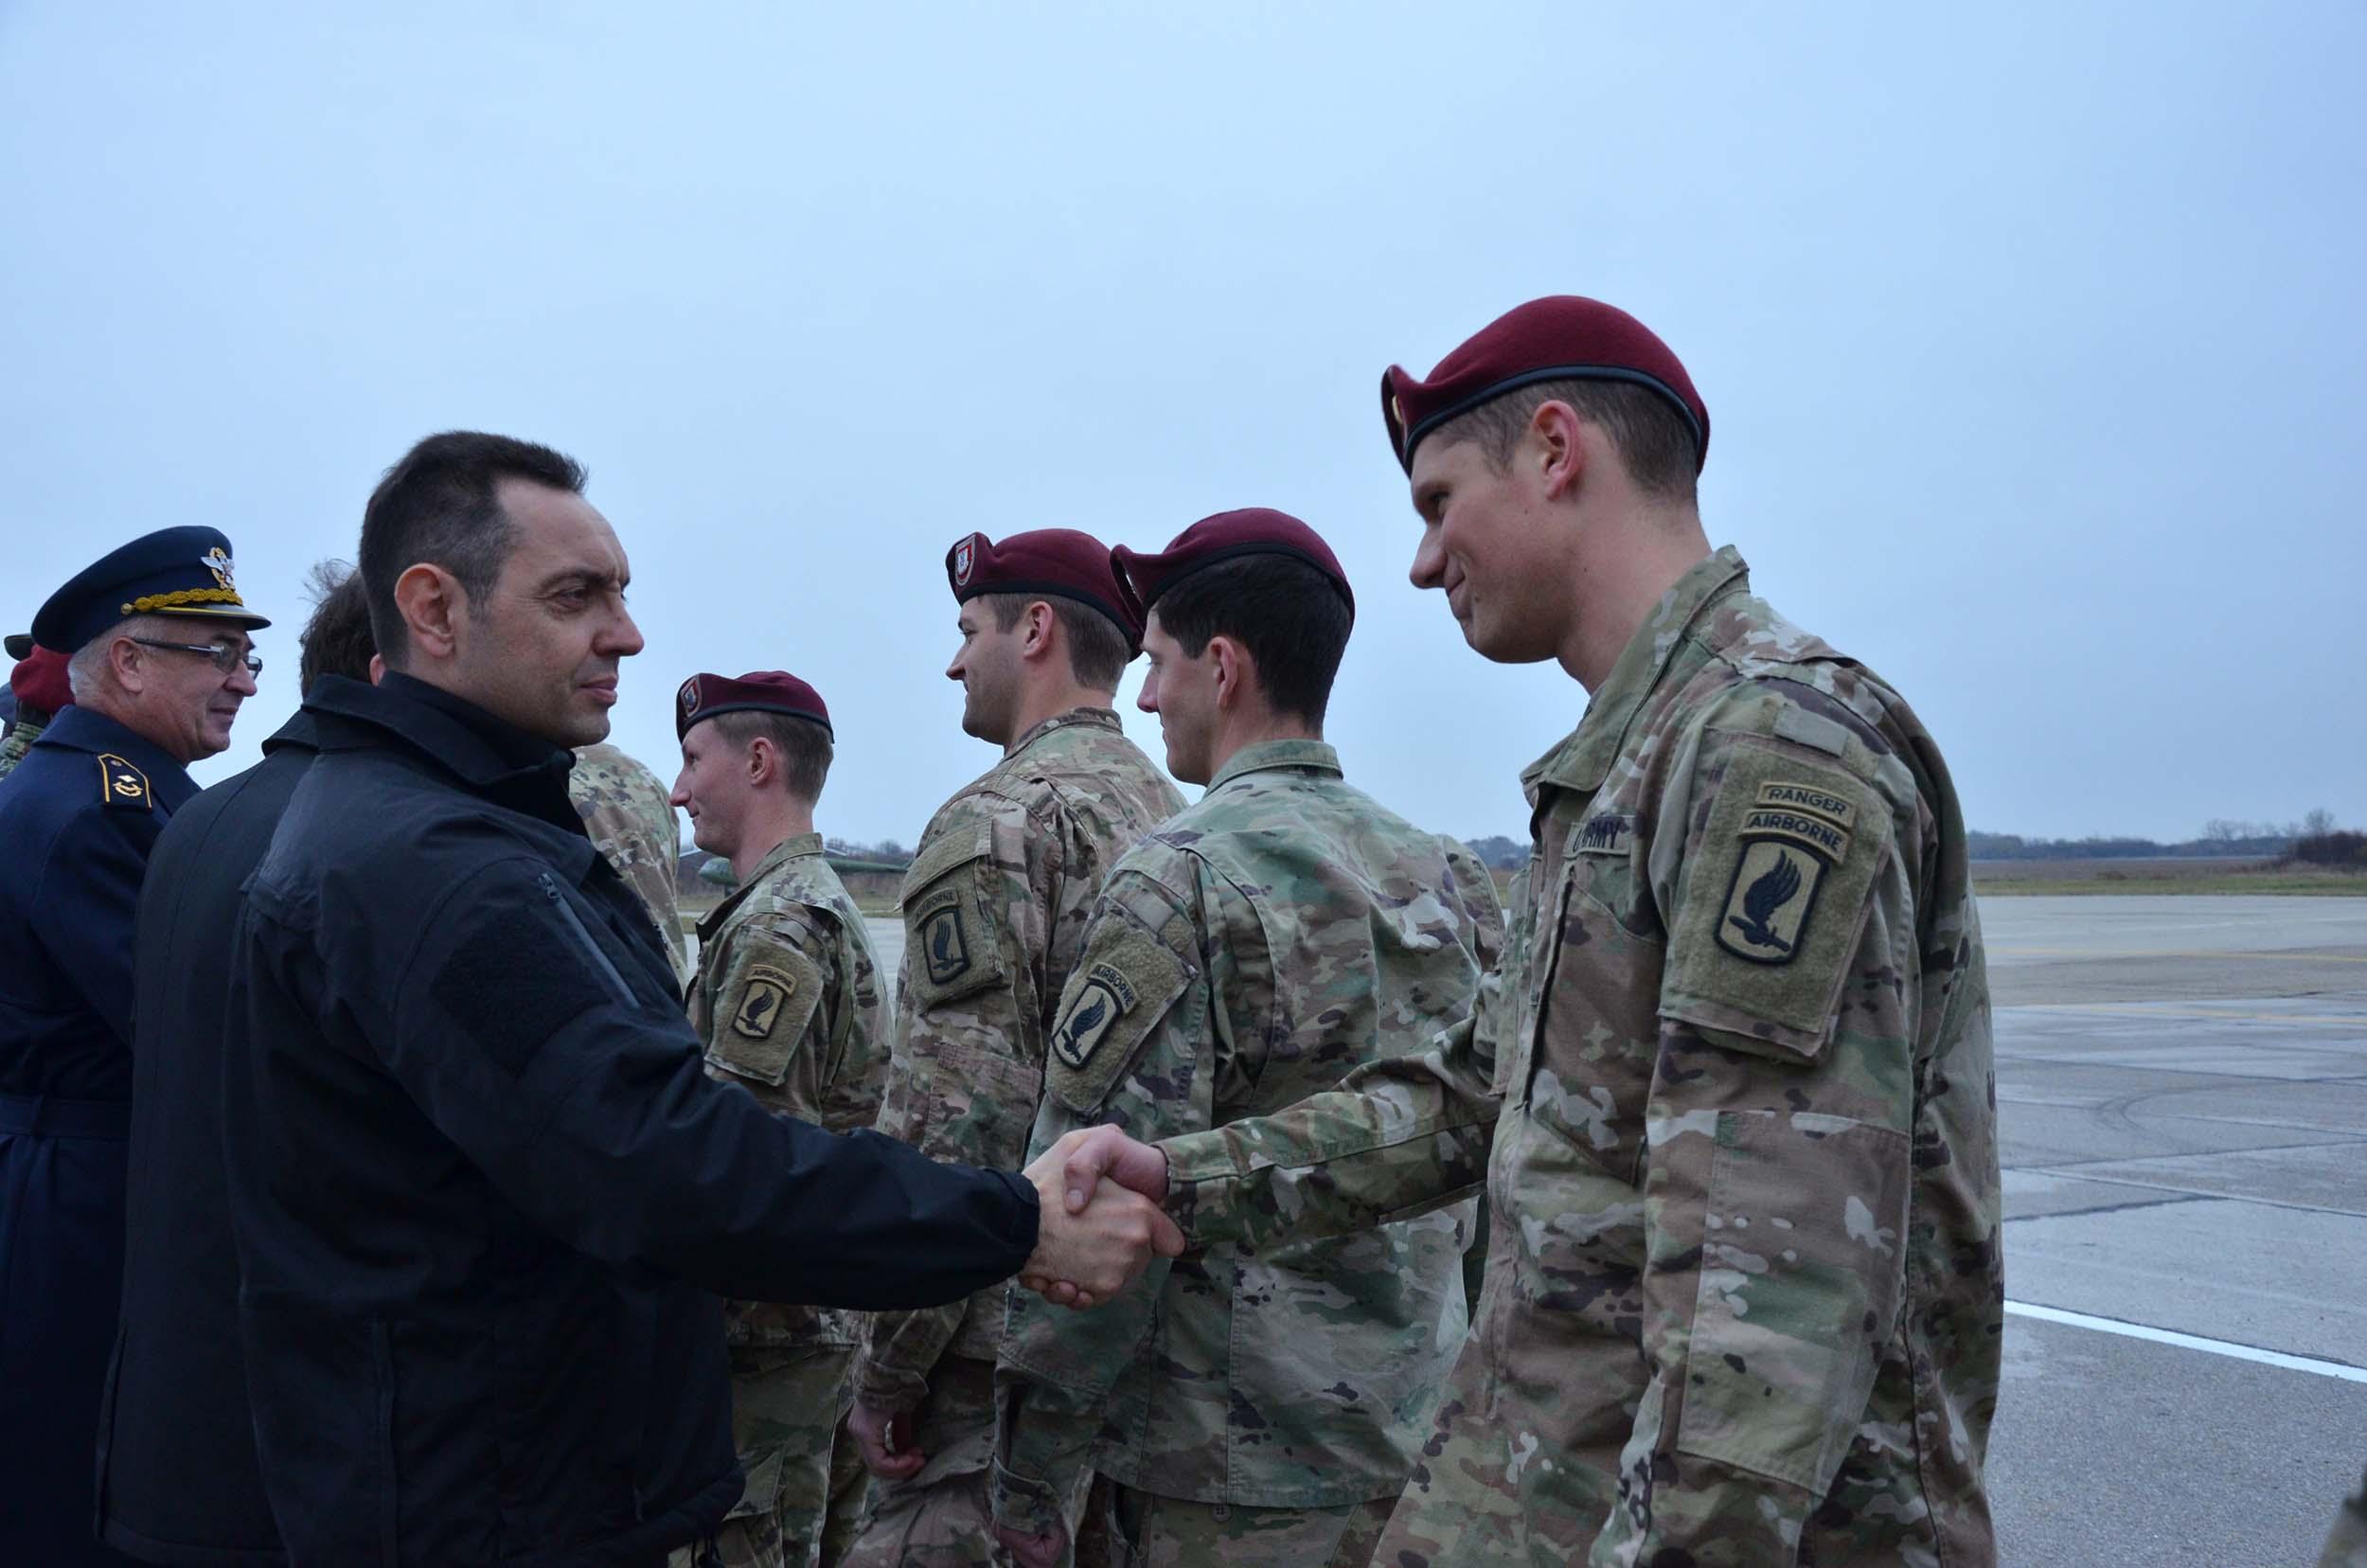 Aleksandar Vulin, ministar odbrane republike srbije je svečano dočekao 250 pripadnika oružanih snaga SAD-a na aerodromu Batajnica